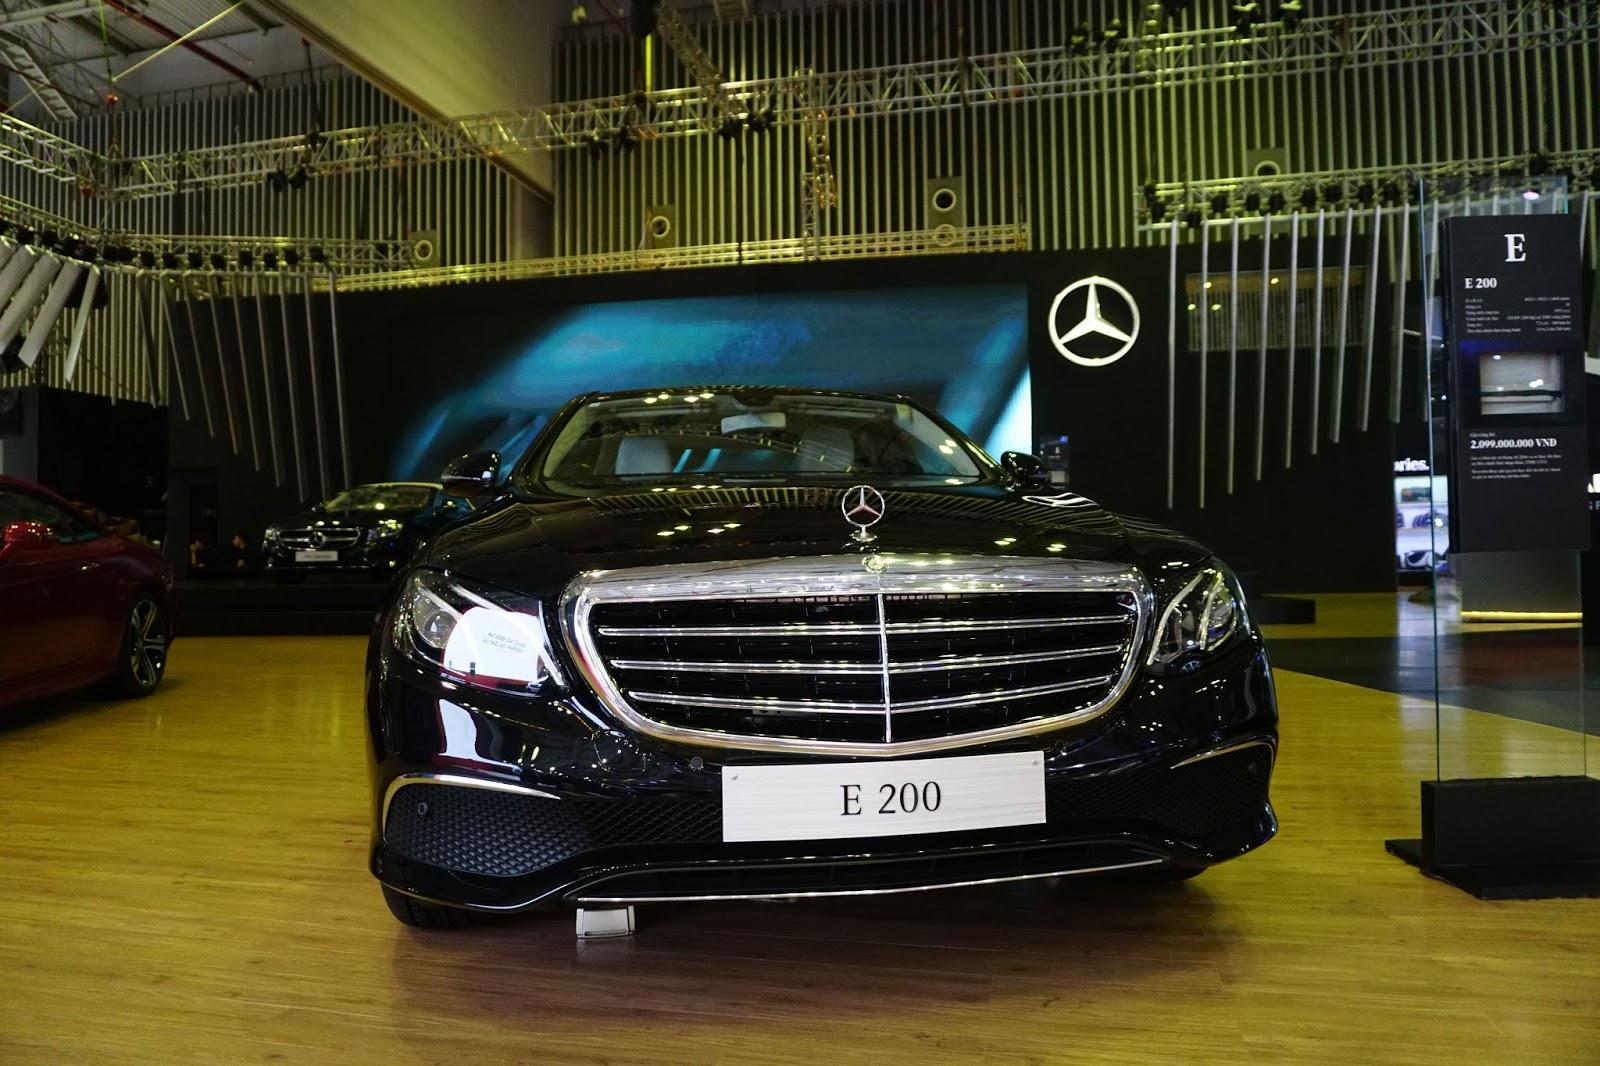 Đầu xe của E200 2016 có nét sang trọng và rất đẳng cấp